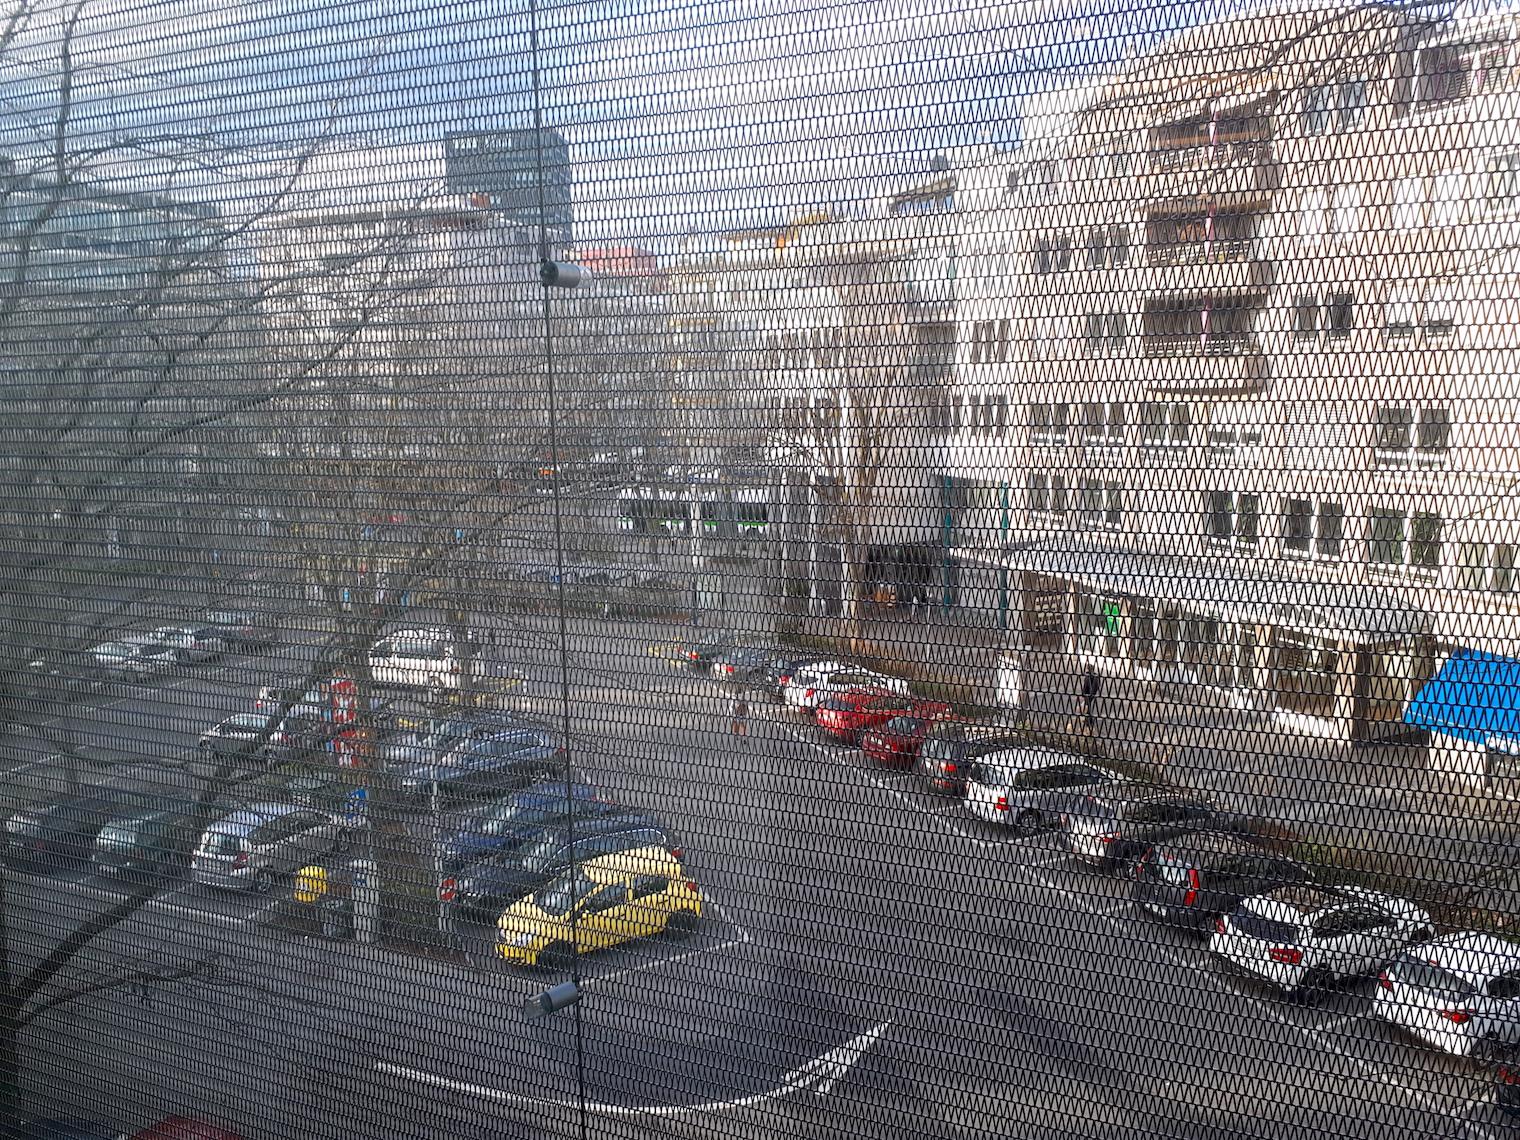 Dreispitzplatz durch die Gitter des Coop-City-Warenhauses aus gesehen.